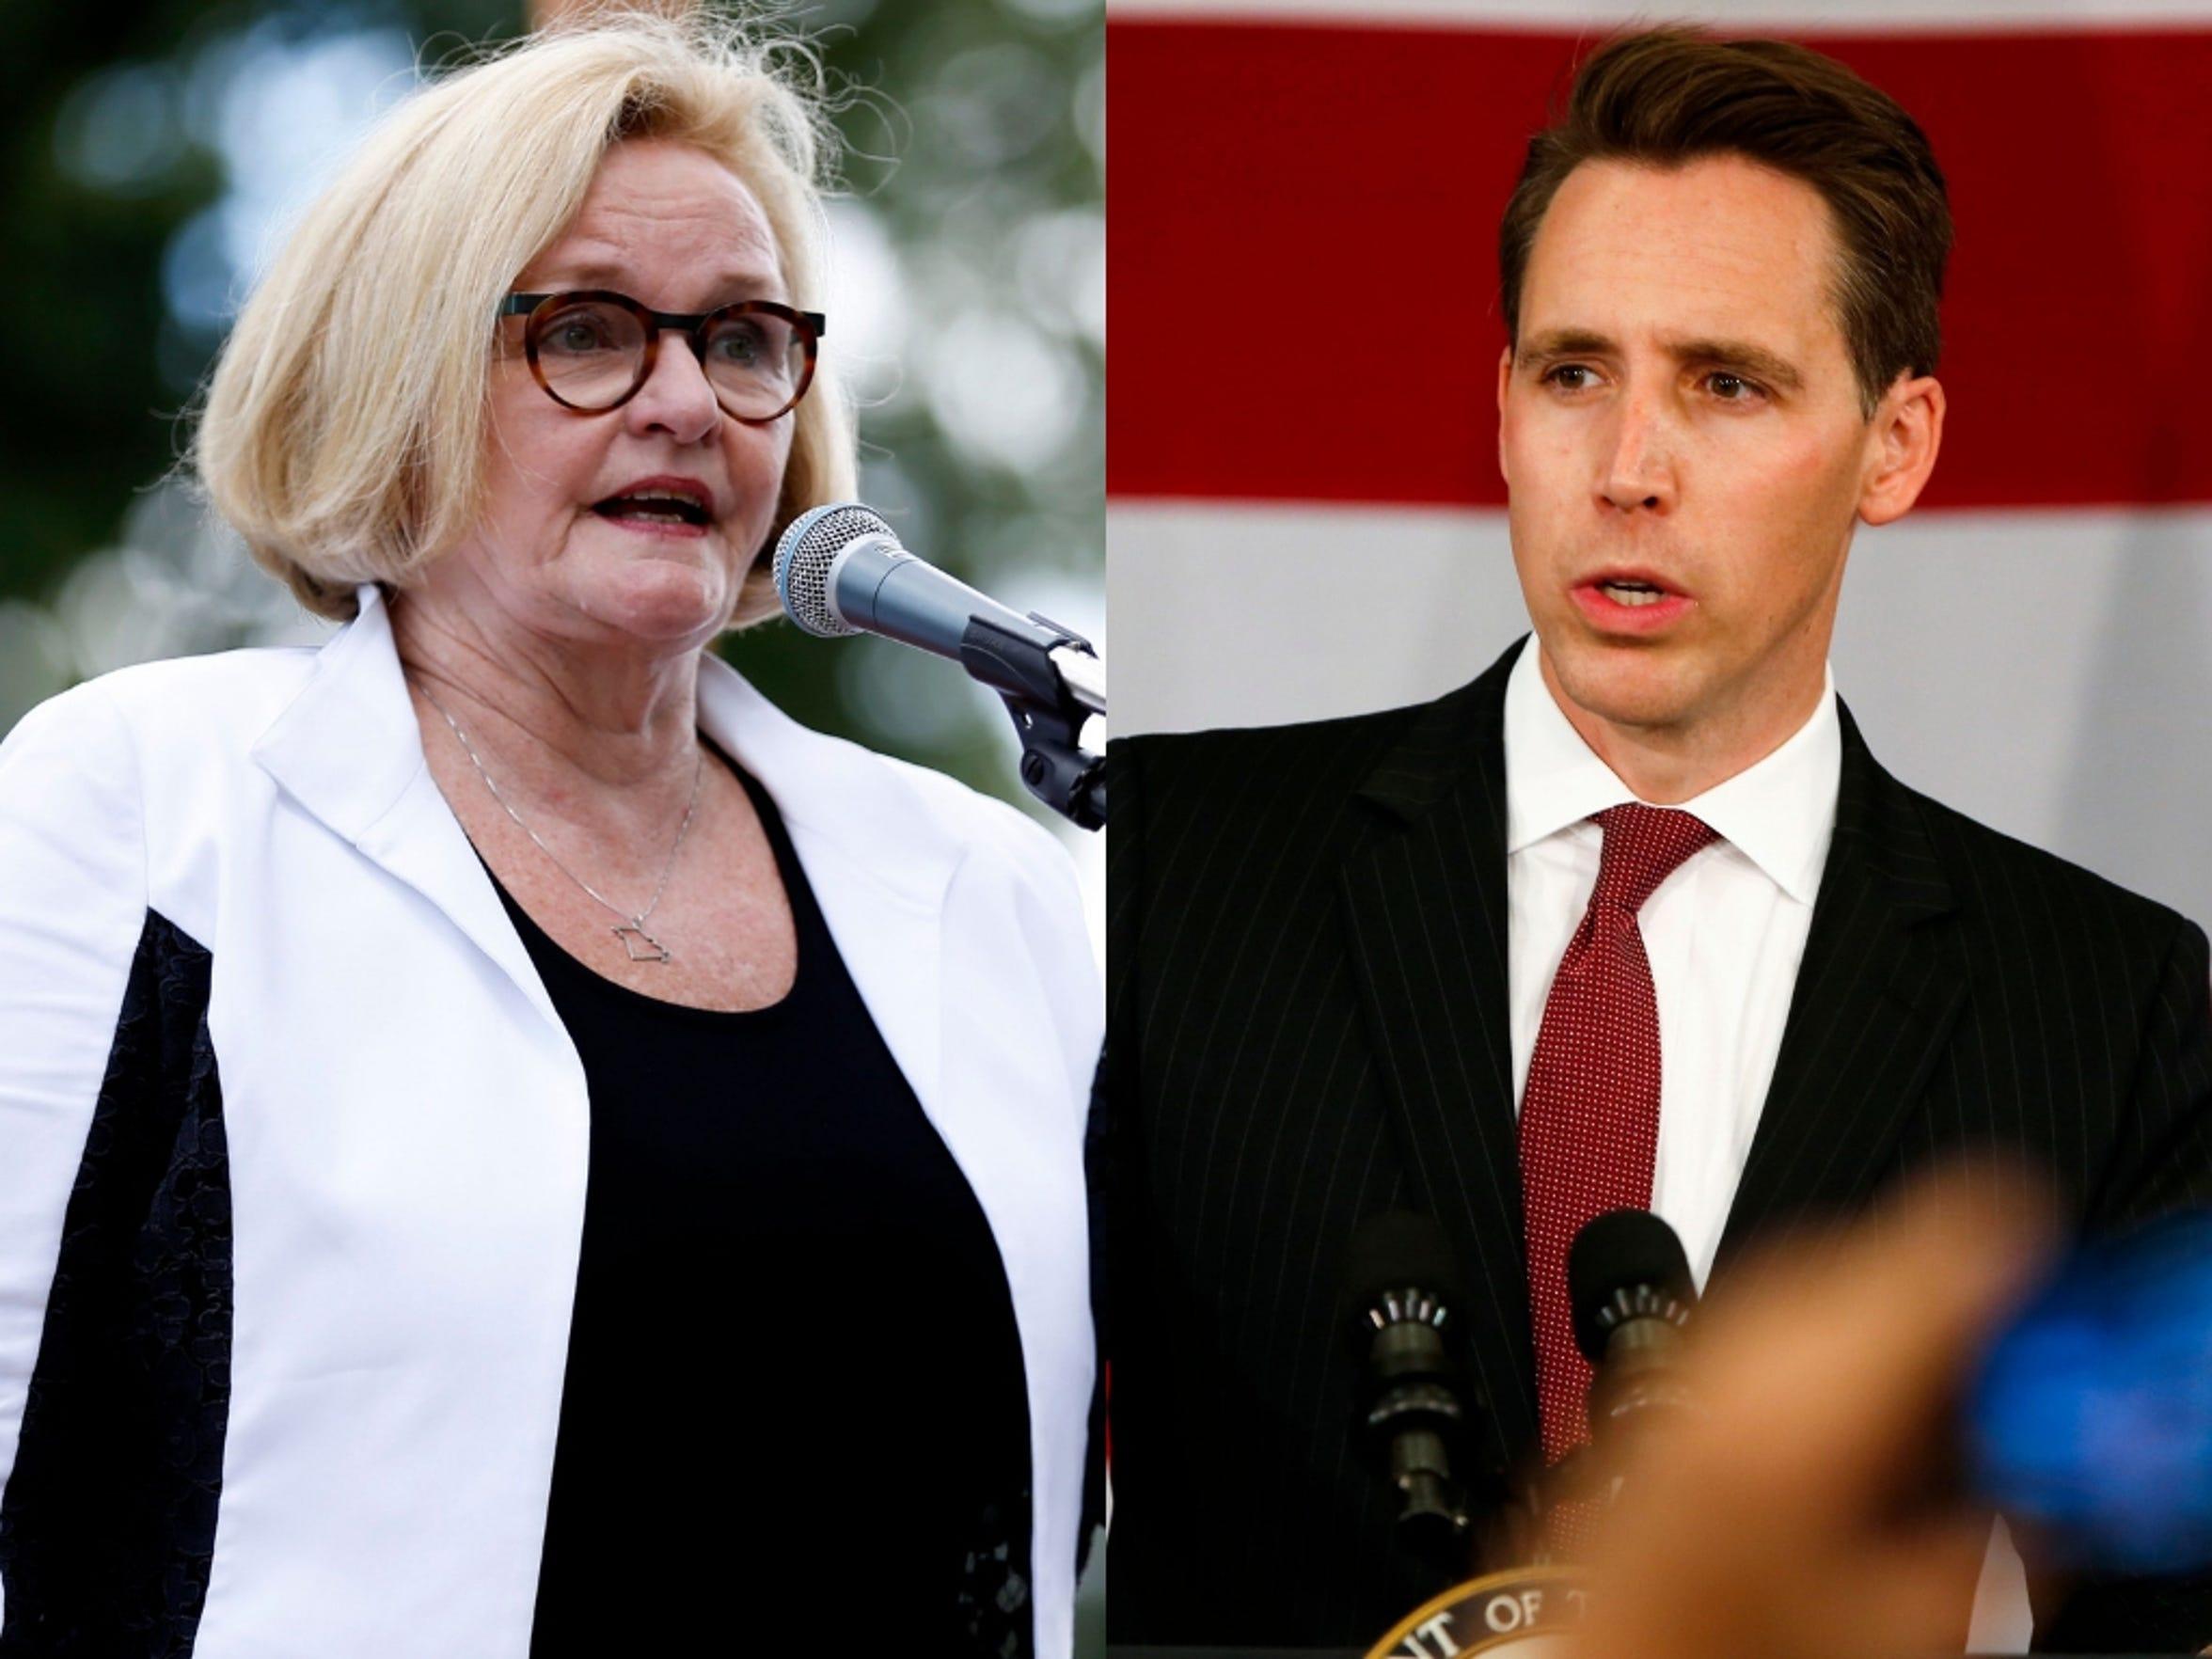 Democratic Sen. Claire McCaskill and Republican Josh Hawley will face off in the Nov. 6 election.